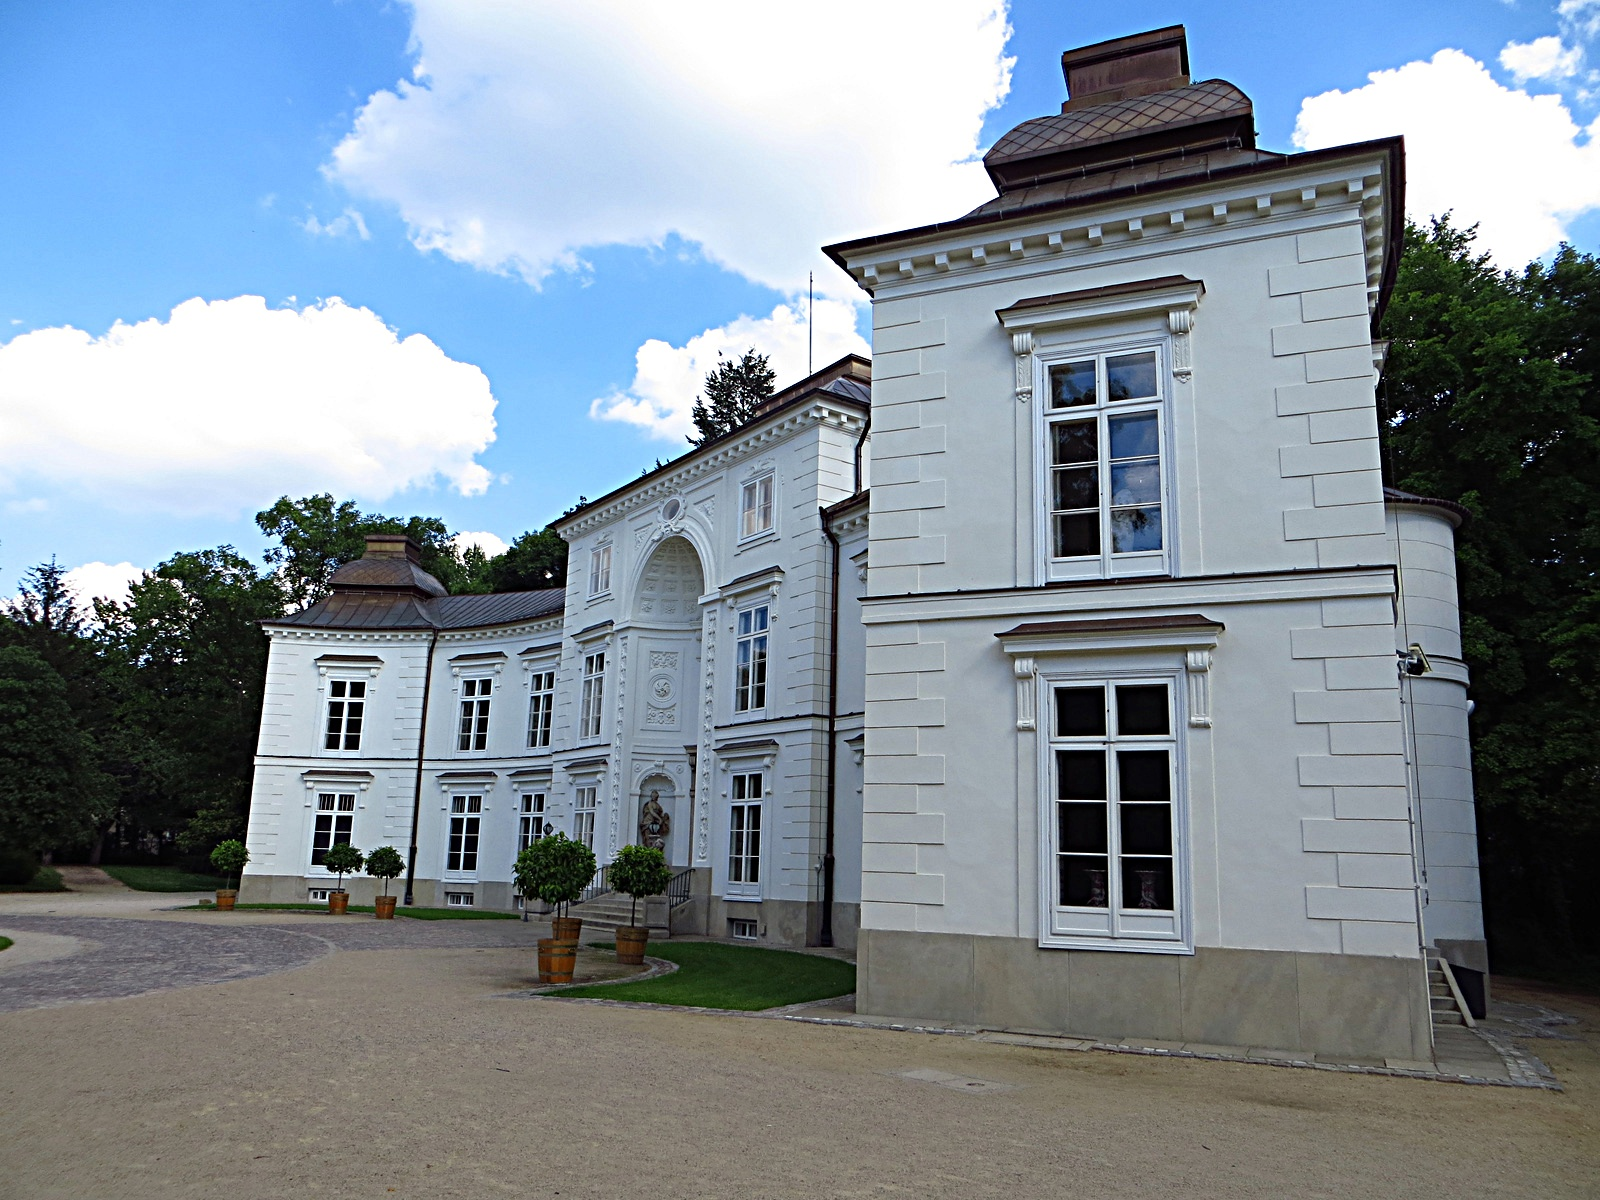 Filełazienki Królewskie Pałac Myślewicki Panoramio